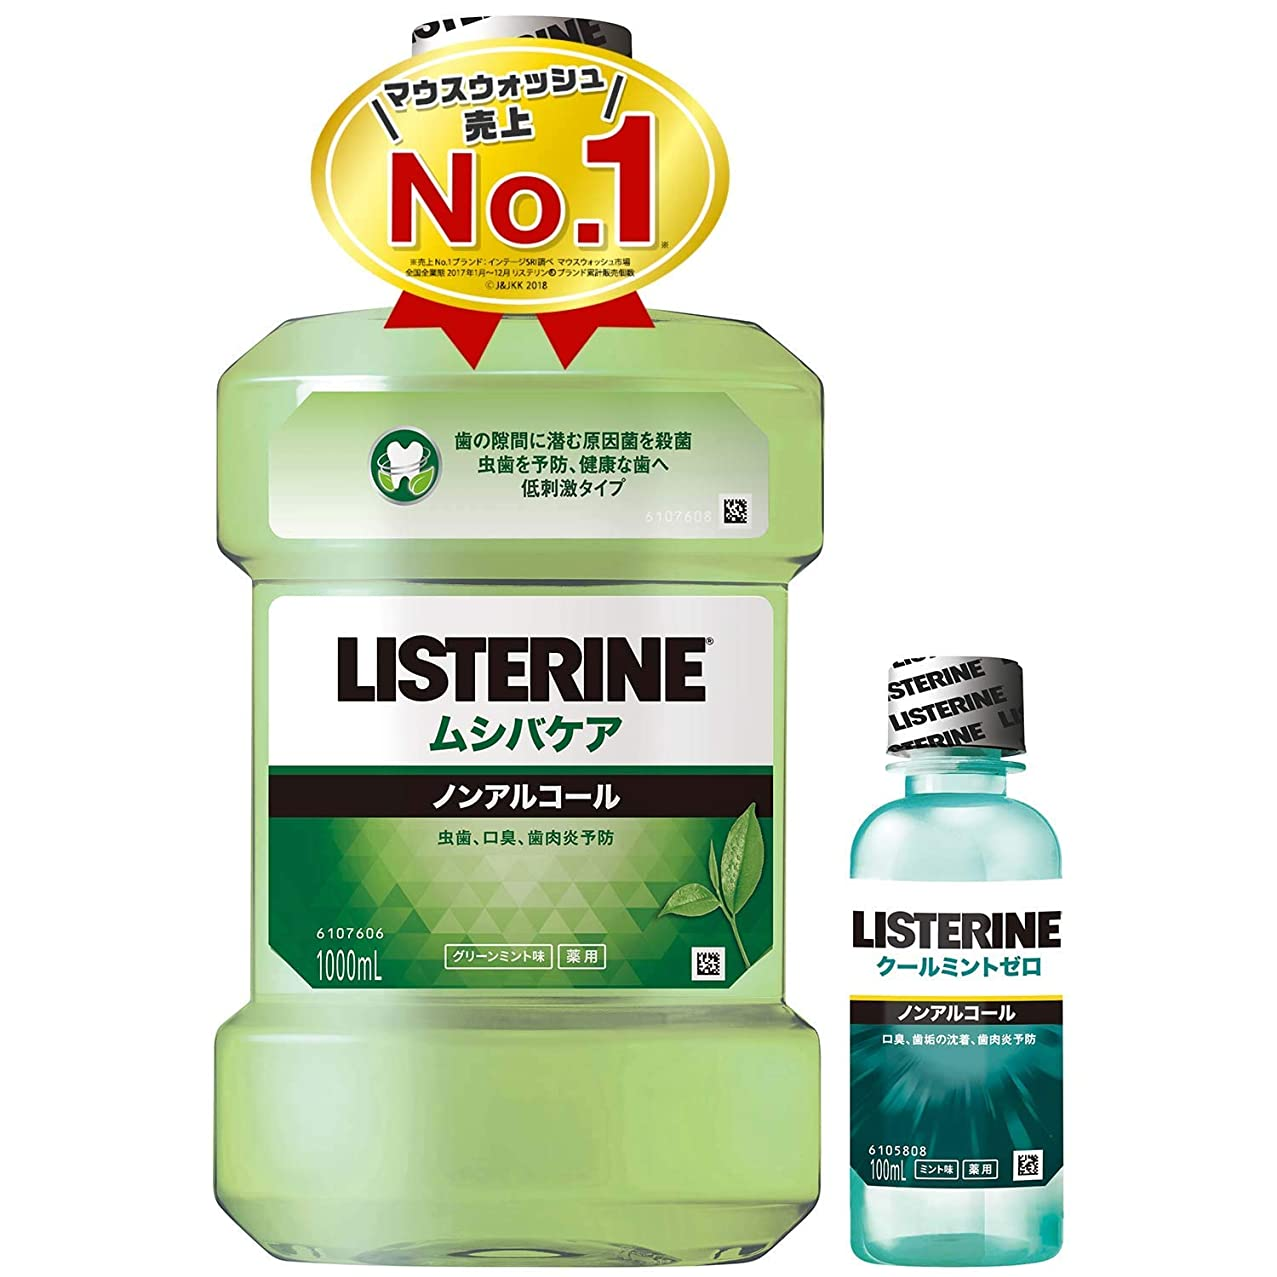 湖追放スワップ[医薬部外品] 薬用 LISTERINE(リステリン) マウスウォッシュ ムシバケア 1000mL + おまけつき